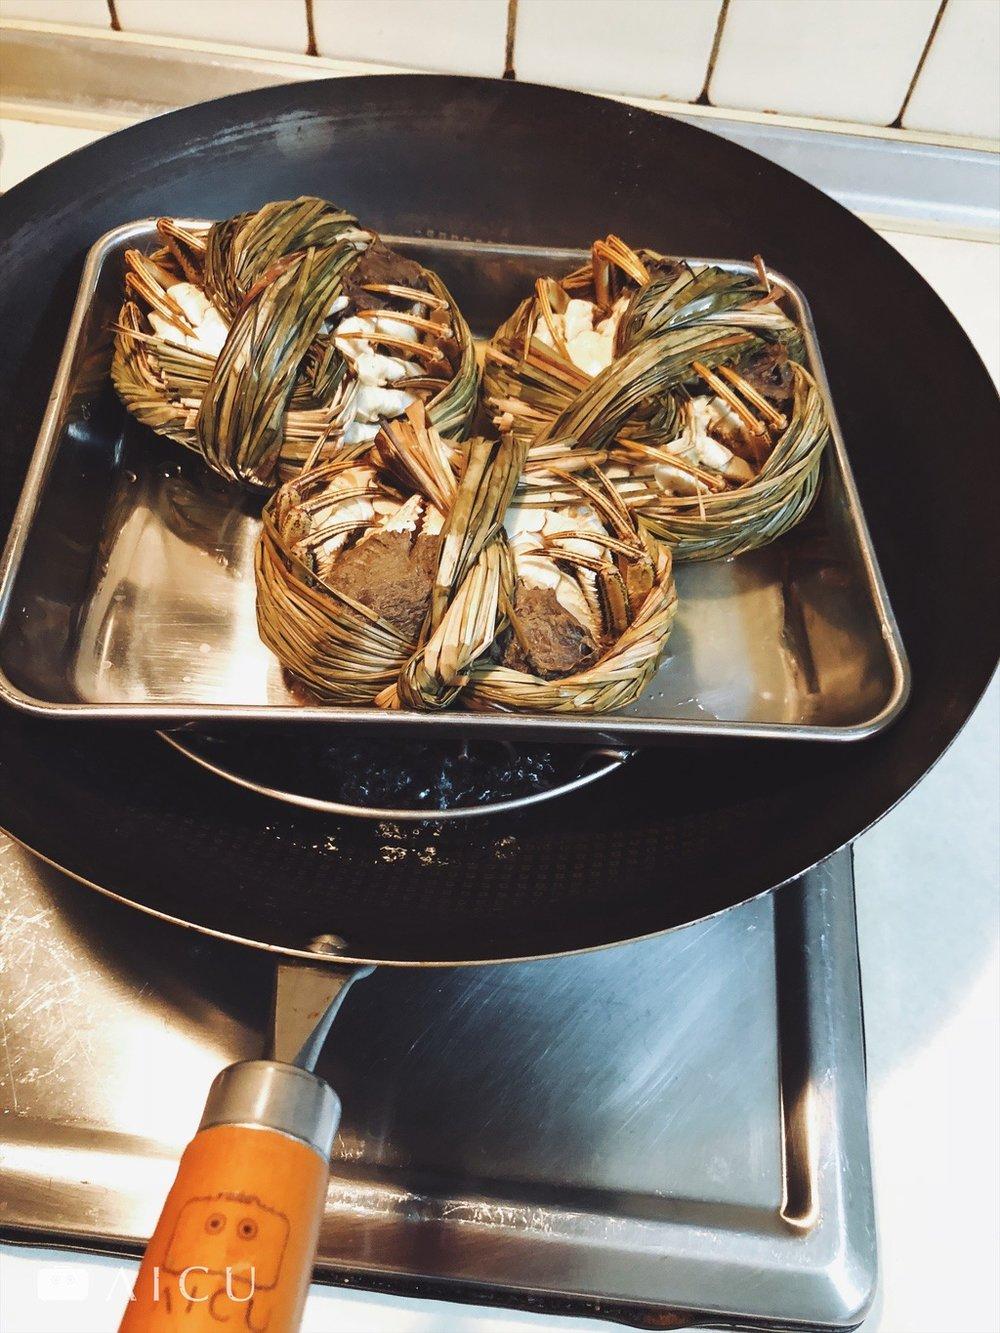 04 神器鐵鍋蒸盤組 - 有時候,電鍋也不夠用。